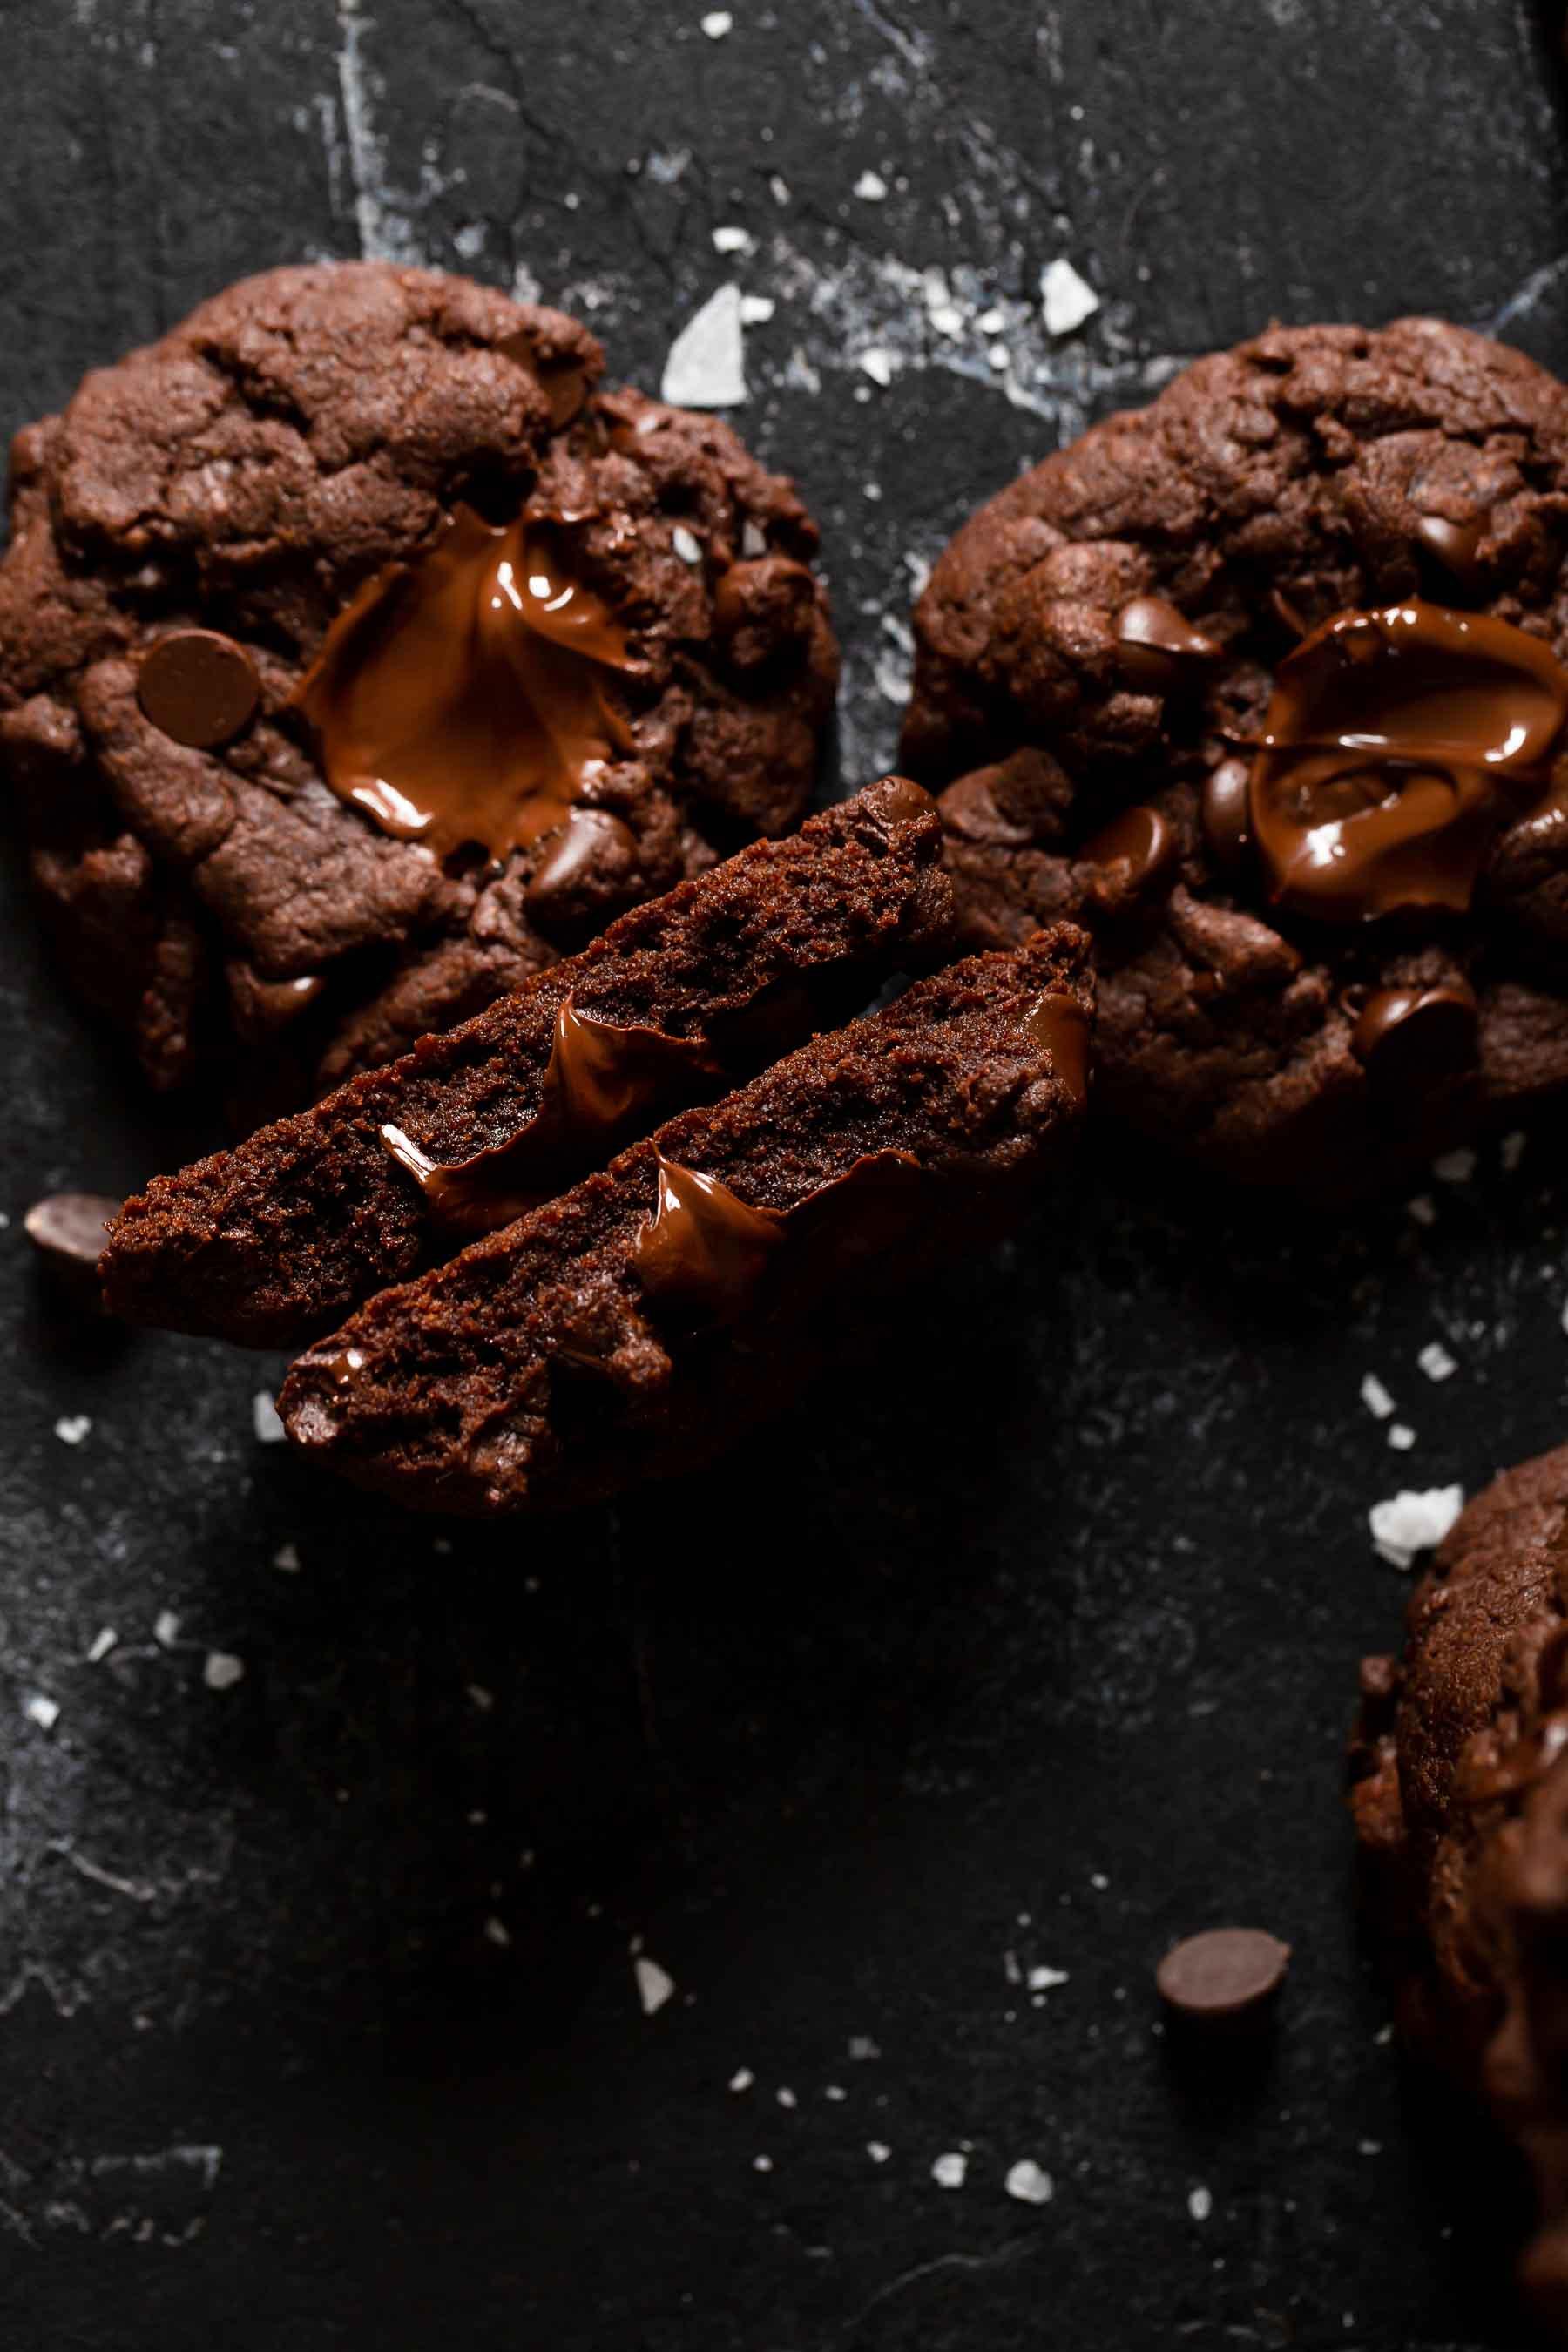 fudge cookie broken in half